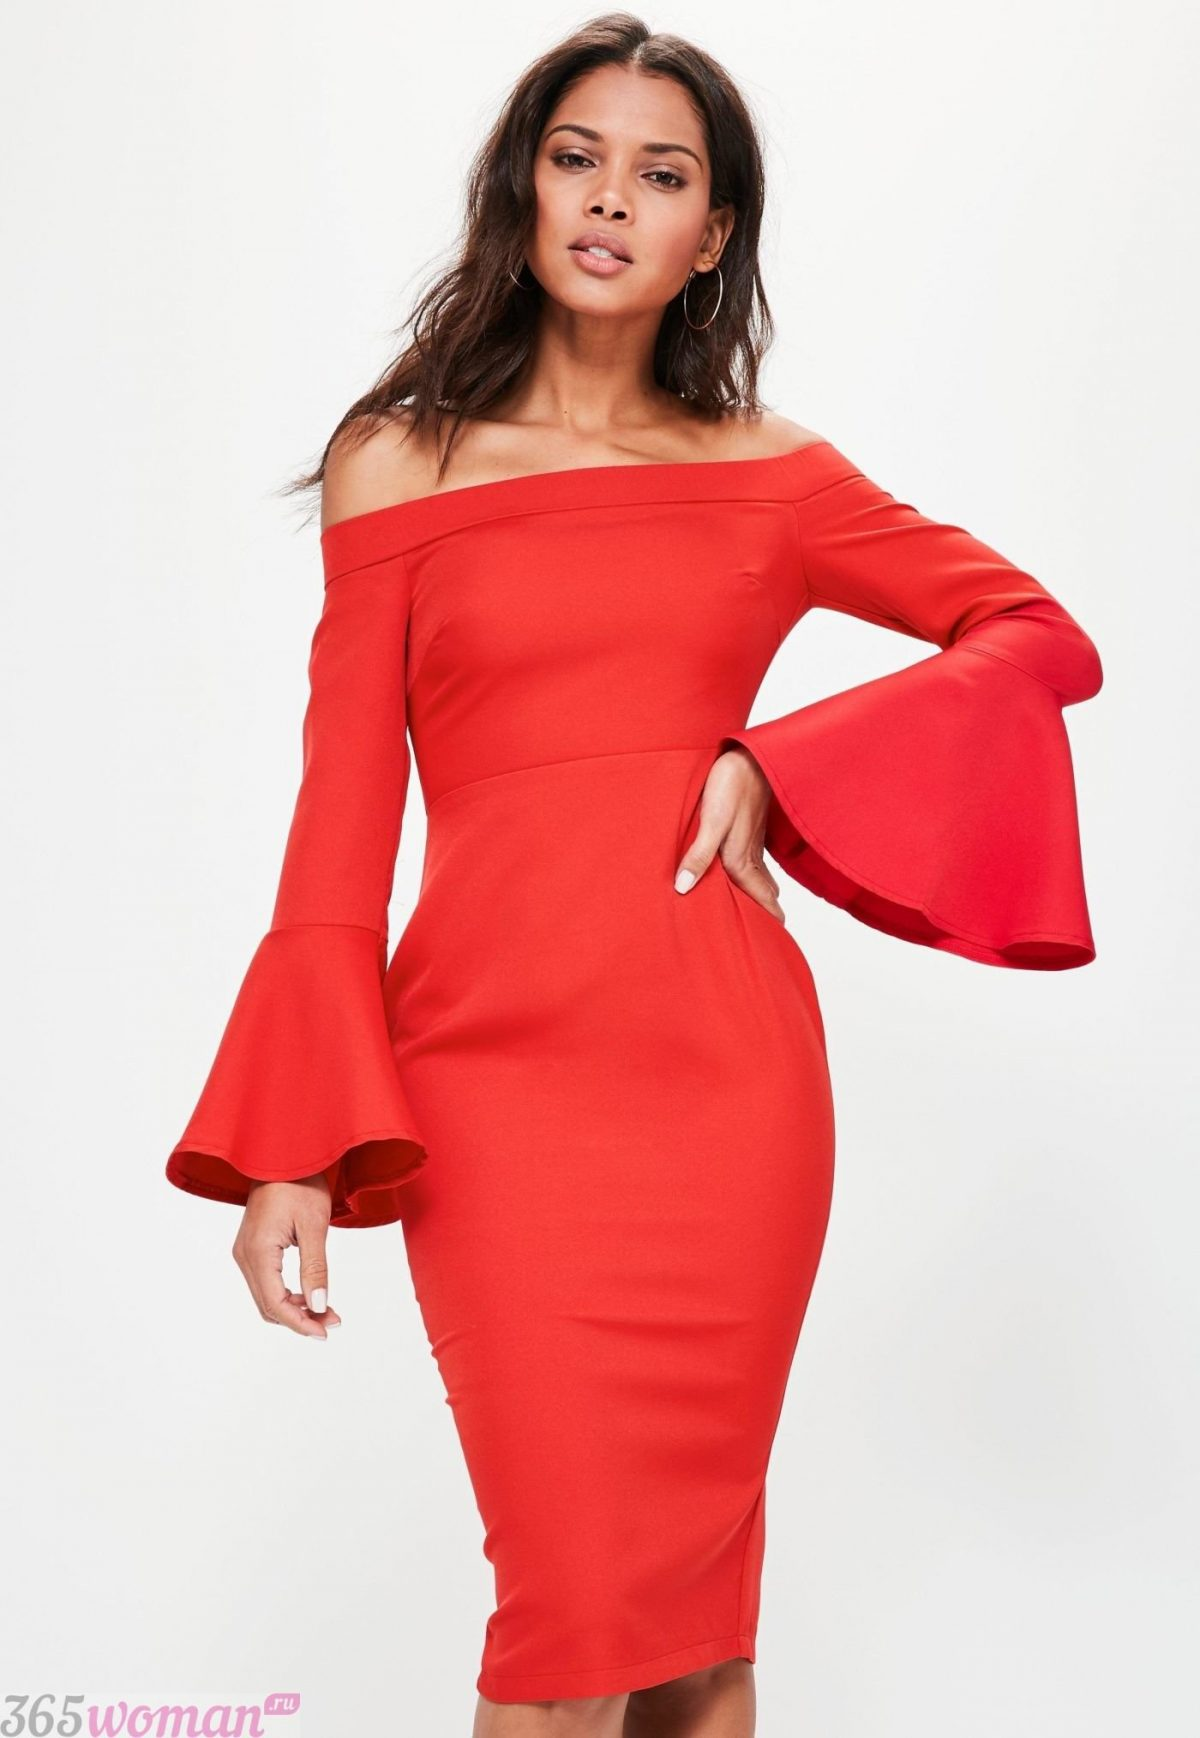 что одеть на день святого валентина 2019: красное платье с расклешенными рукавами